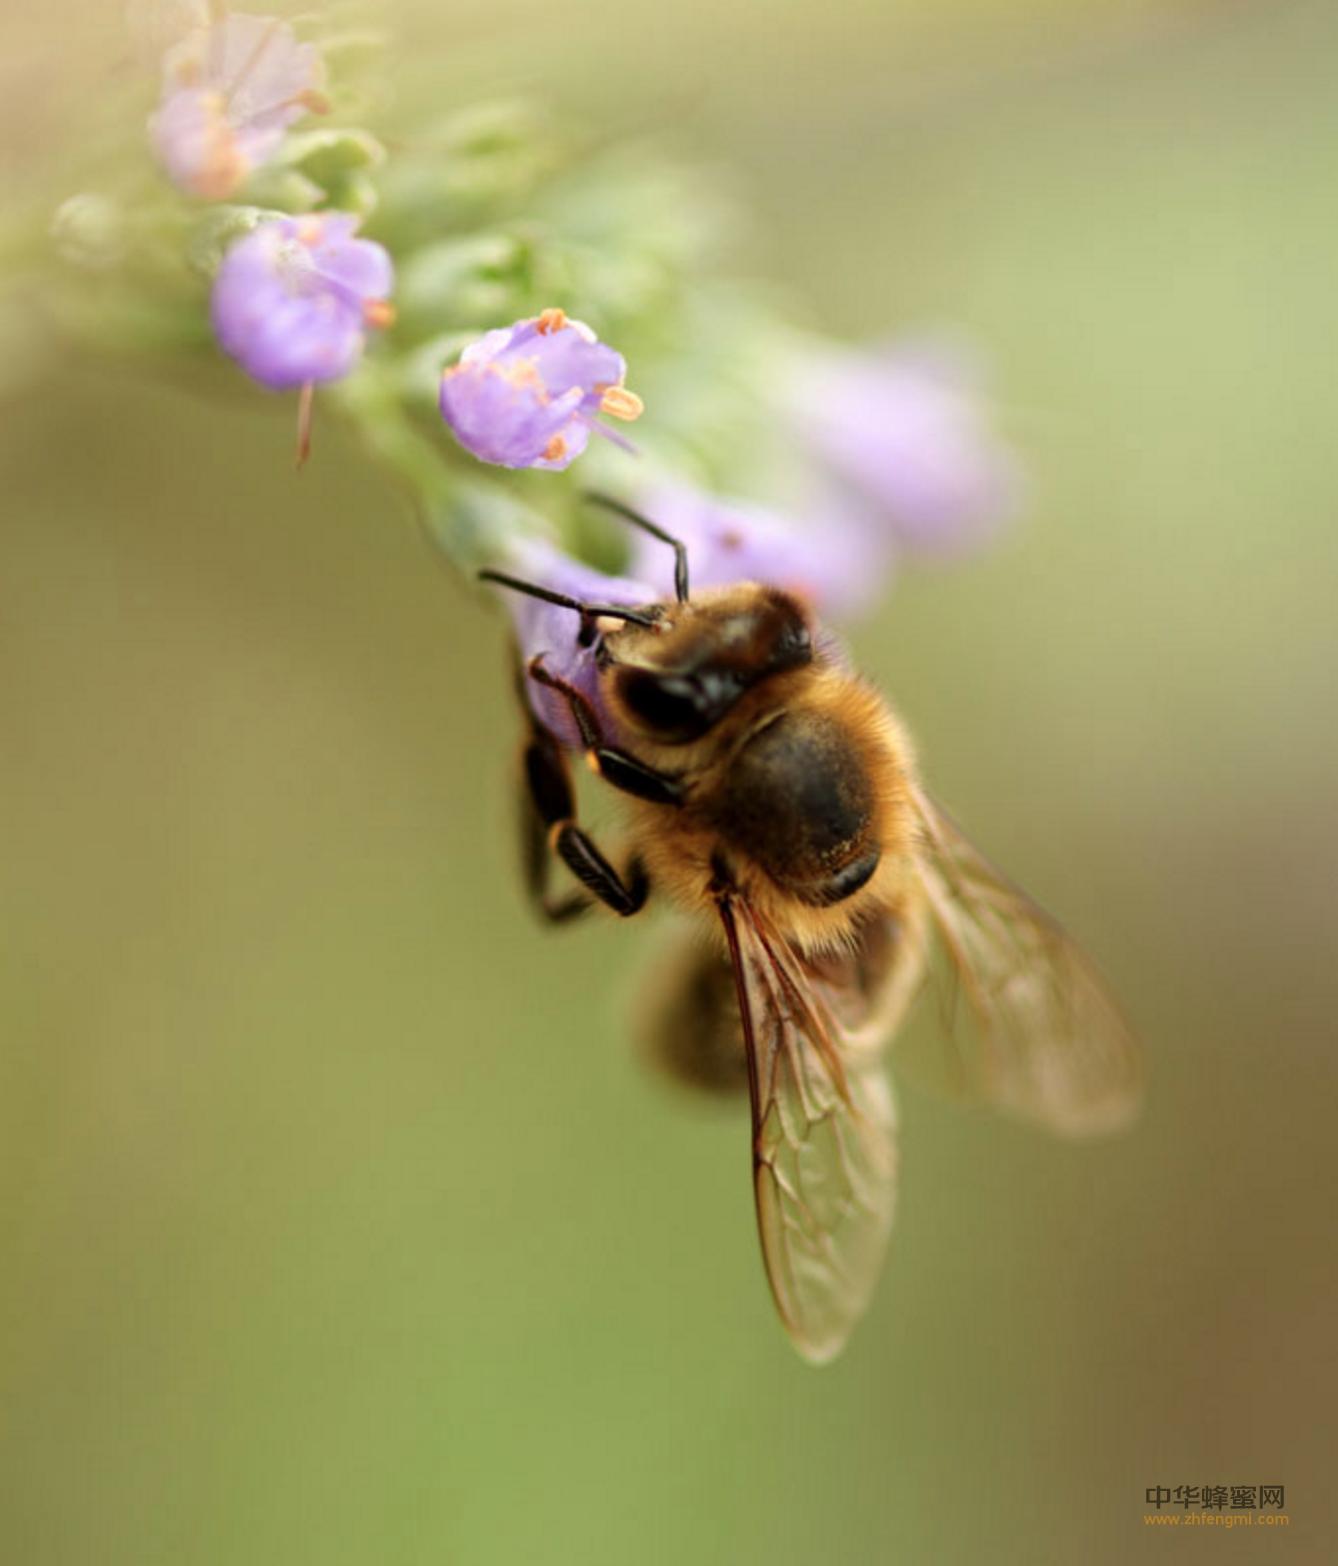 蜜蜂 蜂巢 蜜源地 蜂房